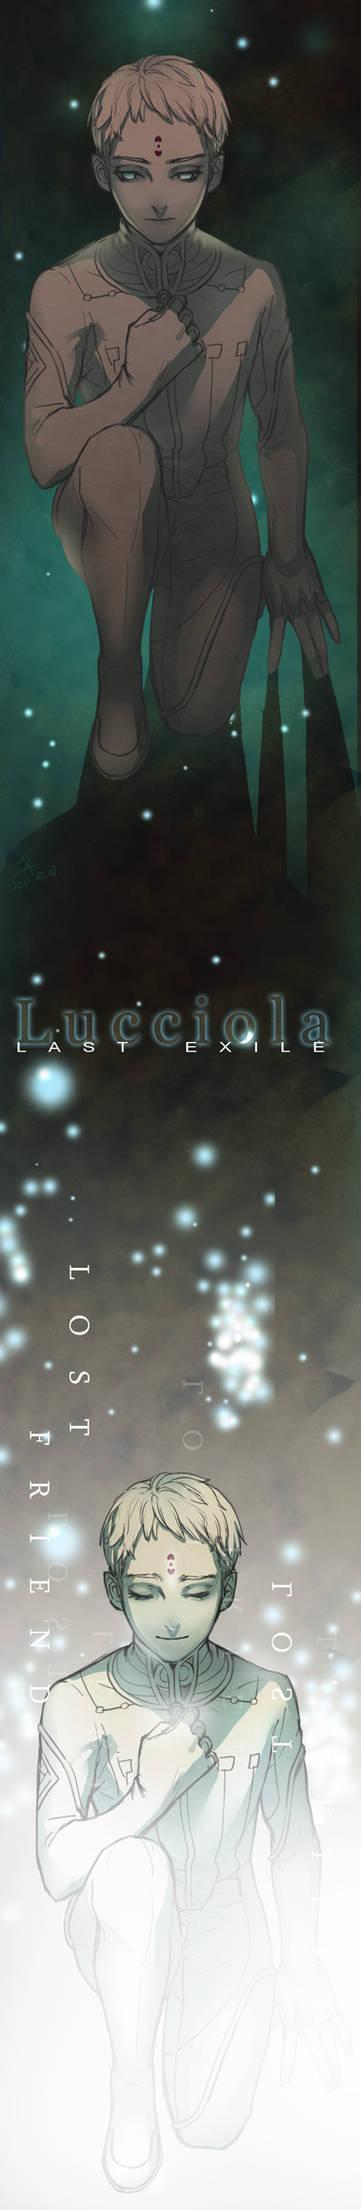 lost lucciola